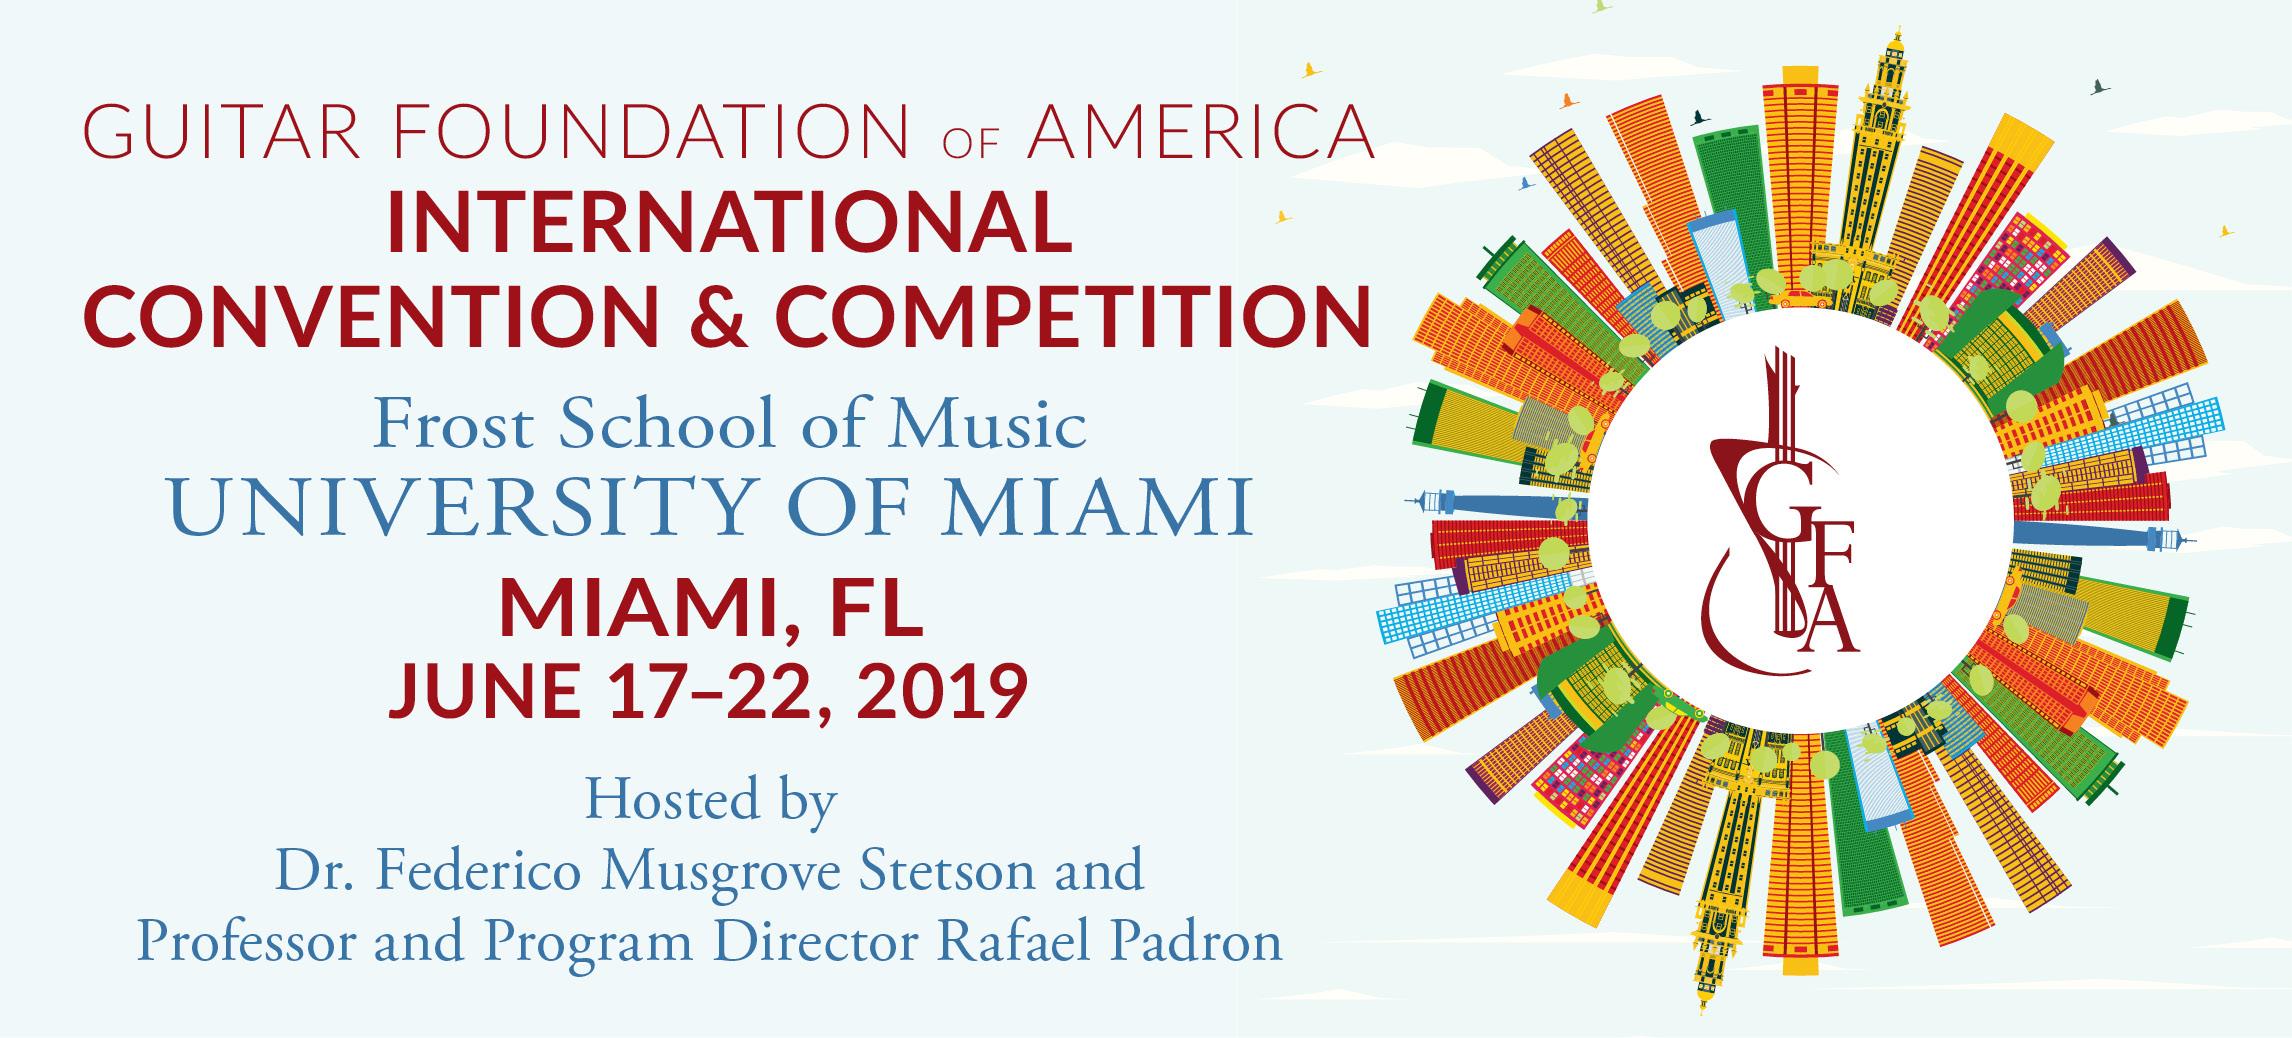 GFA Convention & Competition - June 17 - 22, 2019: Miami, FL